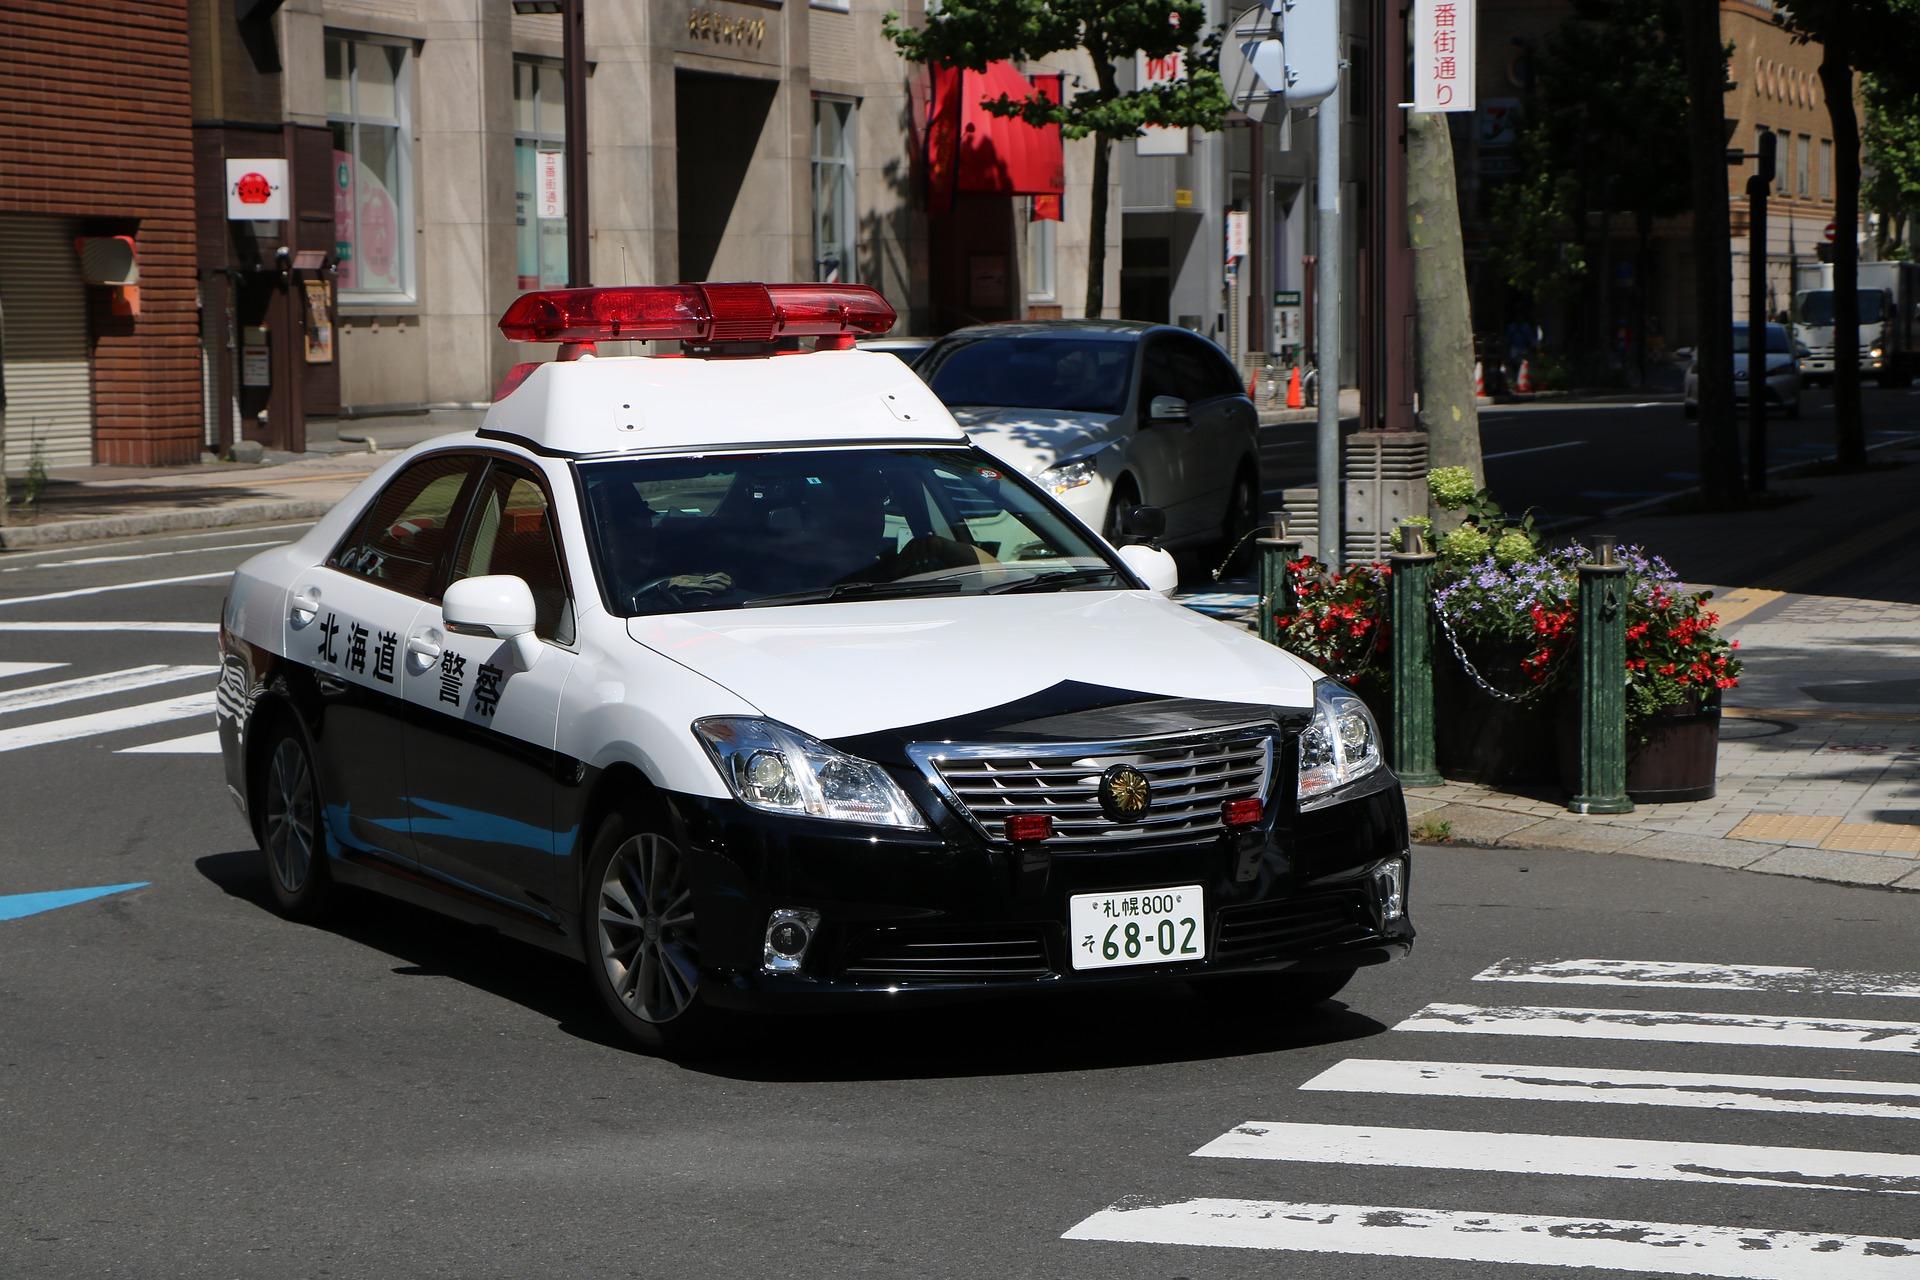 Полиция города Нагоя стала выплачивать вознаграждения за помощь в поимке телефонных мошенников